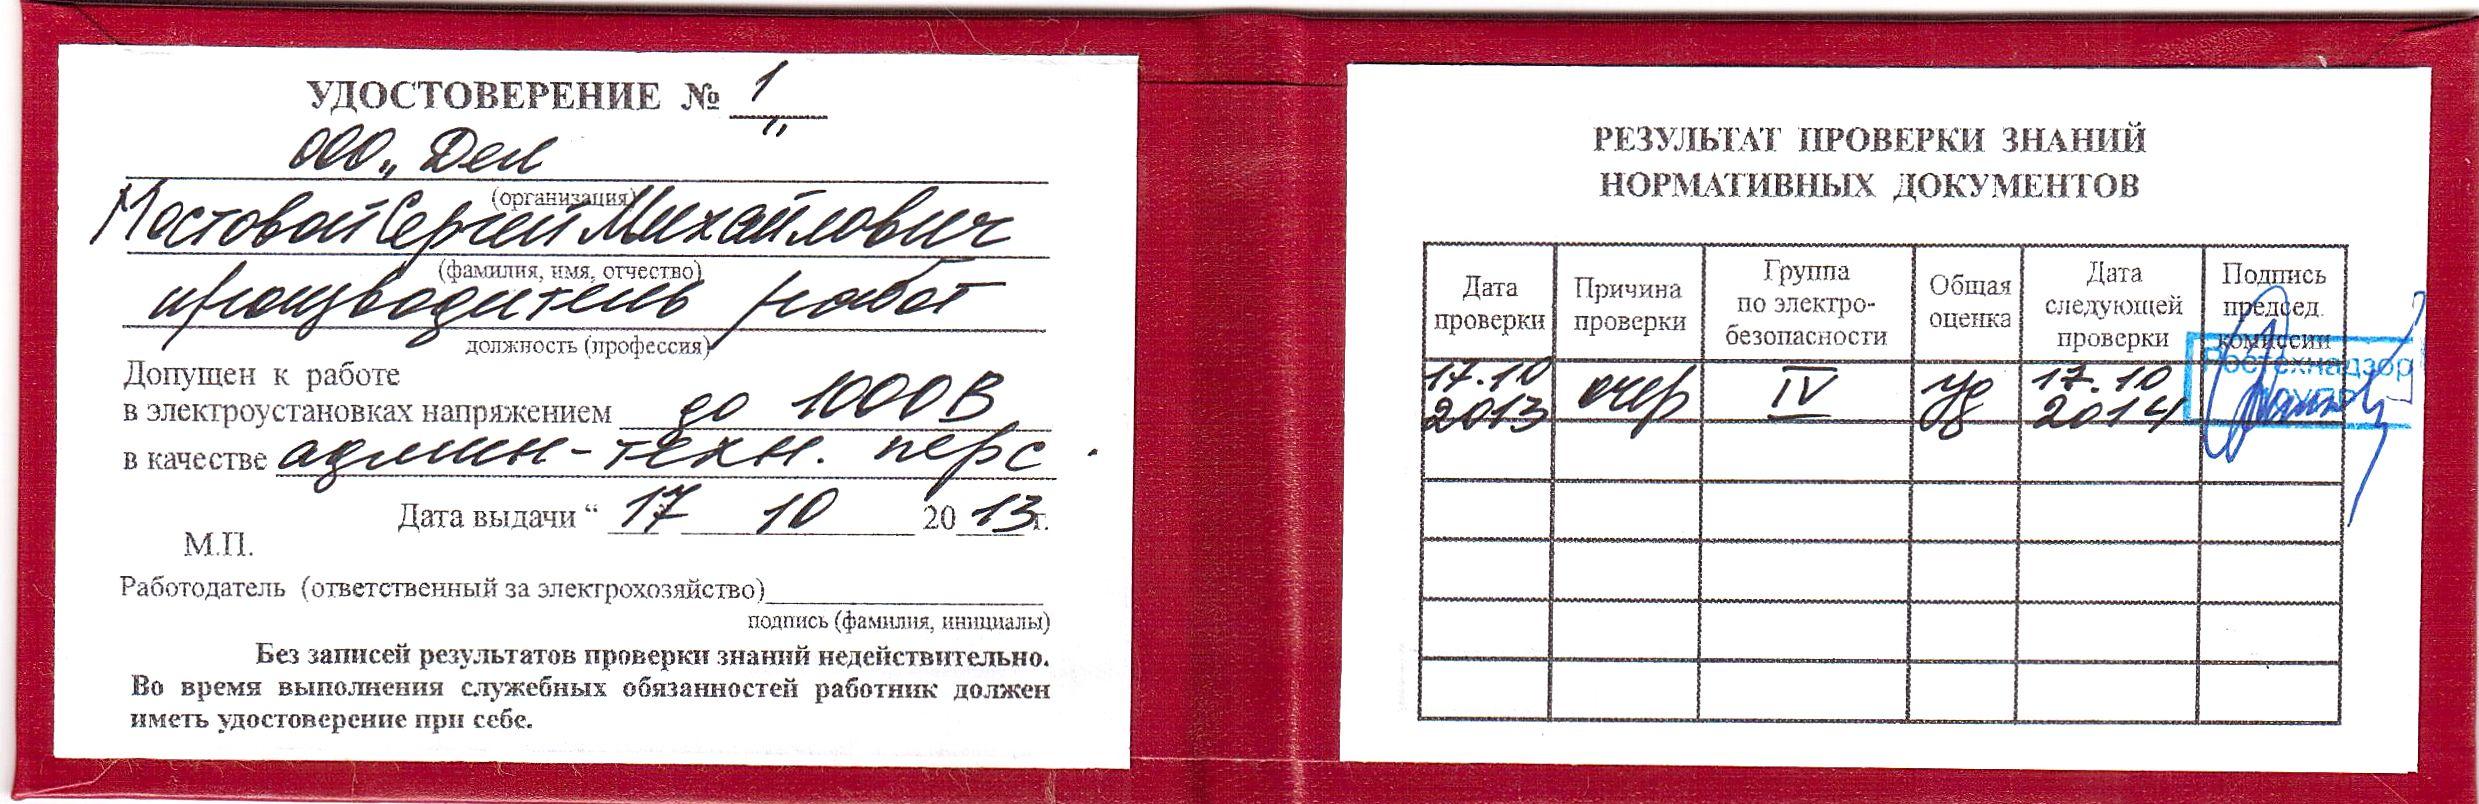 Обучение и аттестация электротехнического персонала Новости